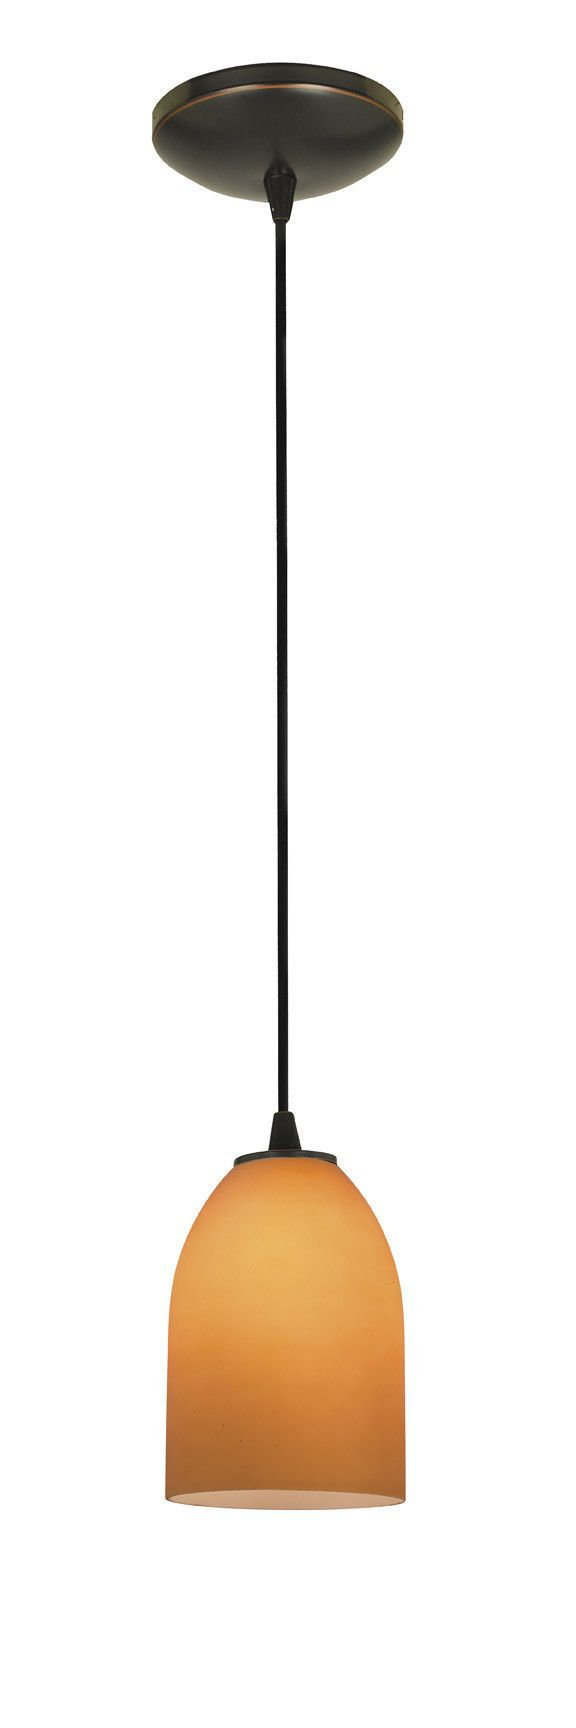 Bordeaux 1-Light Pendant